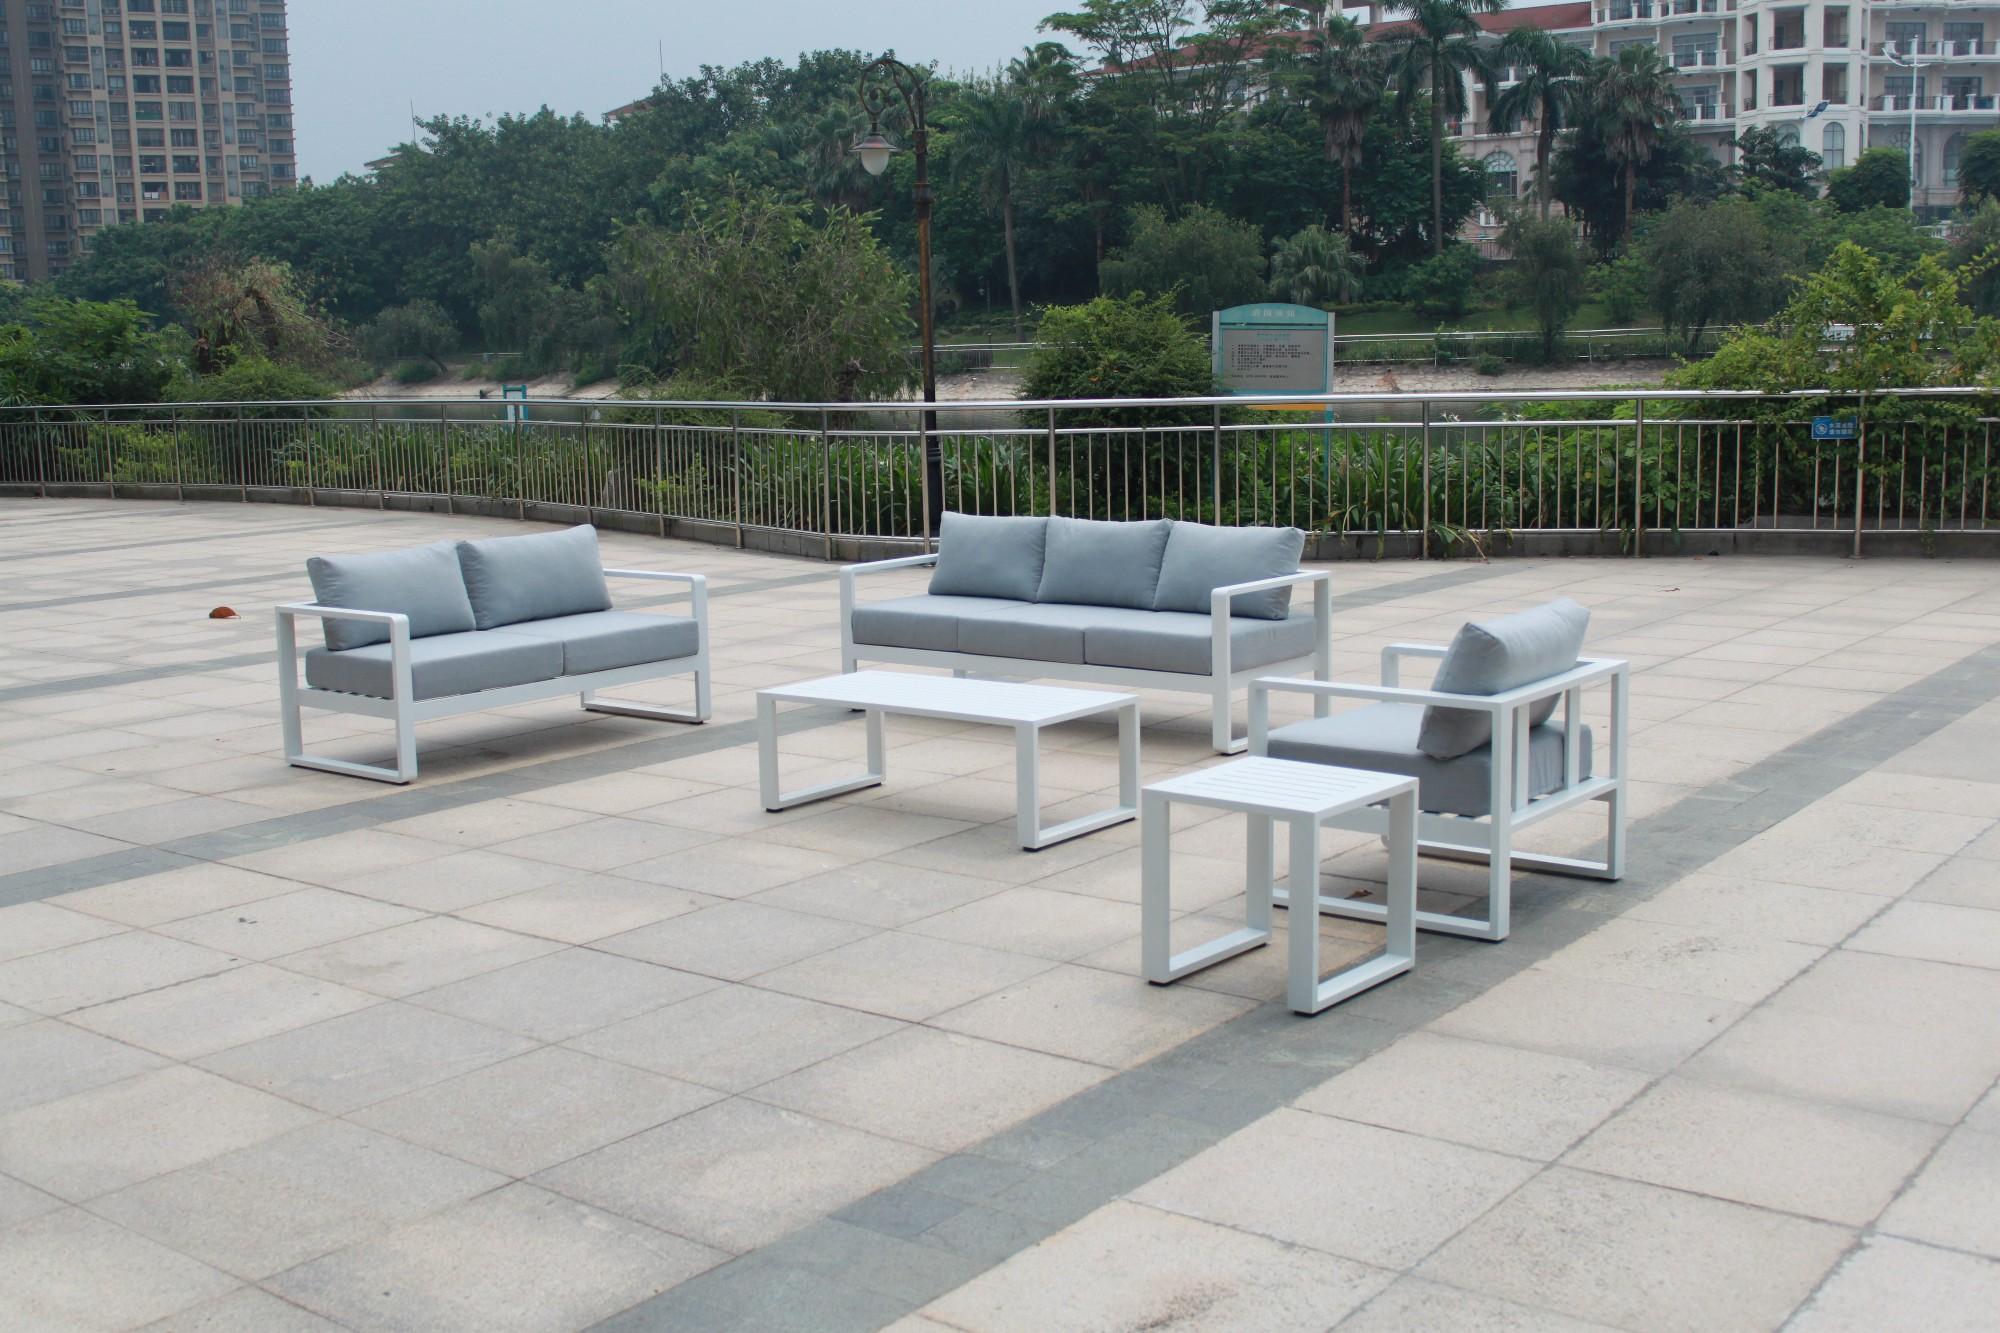 Patio Furniture Outside Sofa Set Manufacturers, Patio Furniture Outside Sofa Set Factory, Supply Patio Furniture Outside Sofa Set